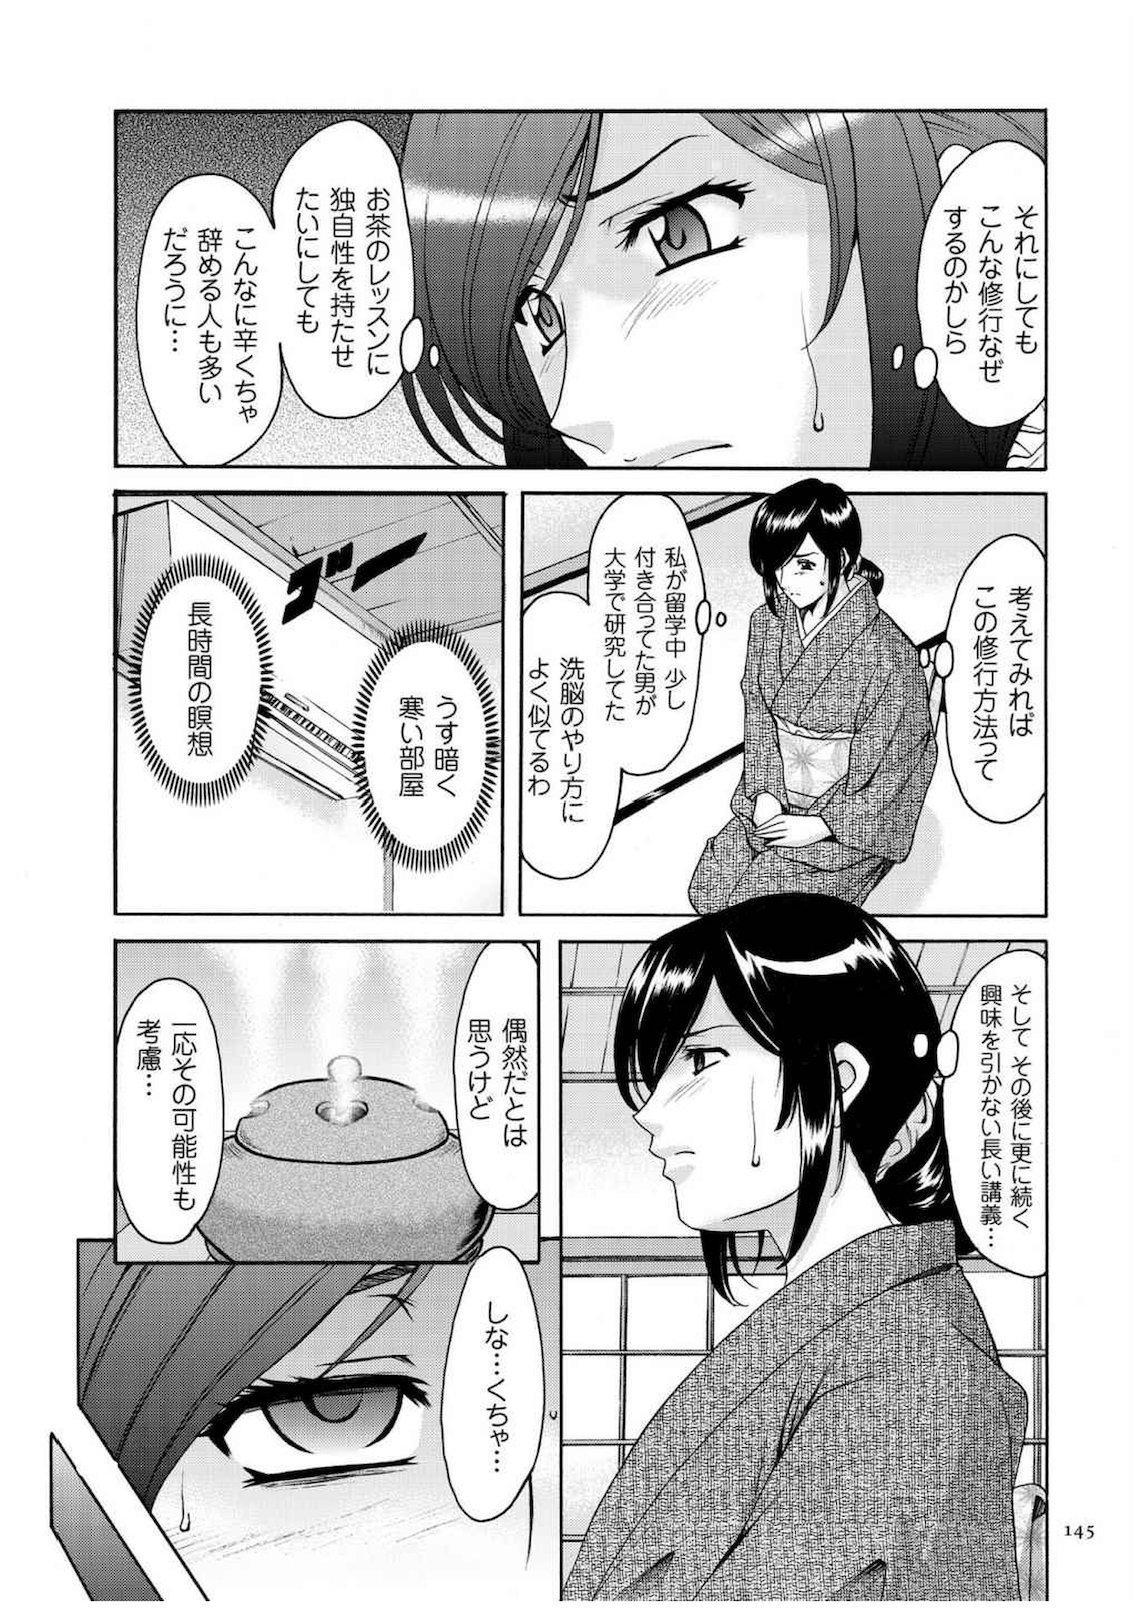 Sennyu Tsuma Satomi Kiroku 143